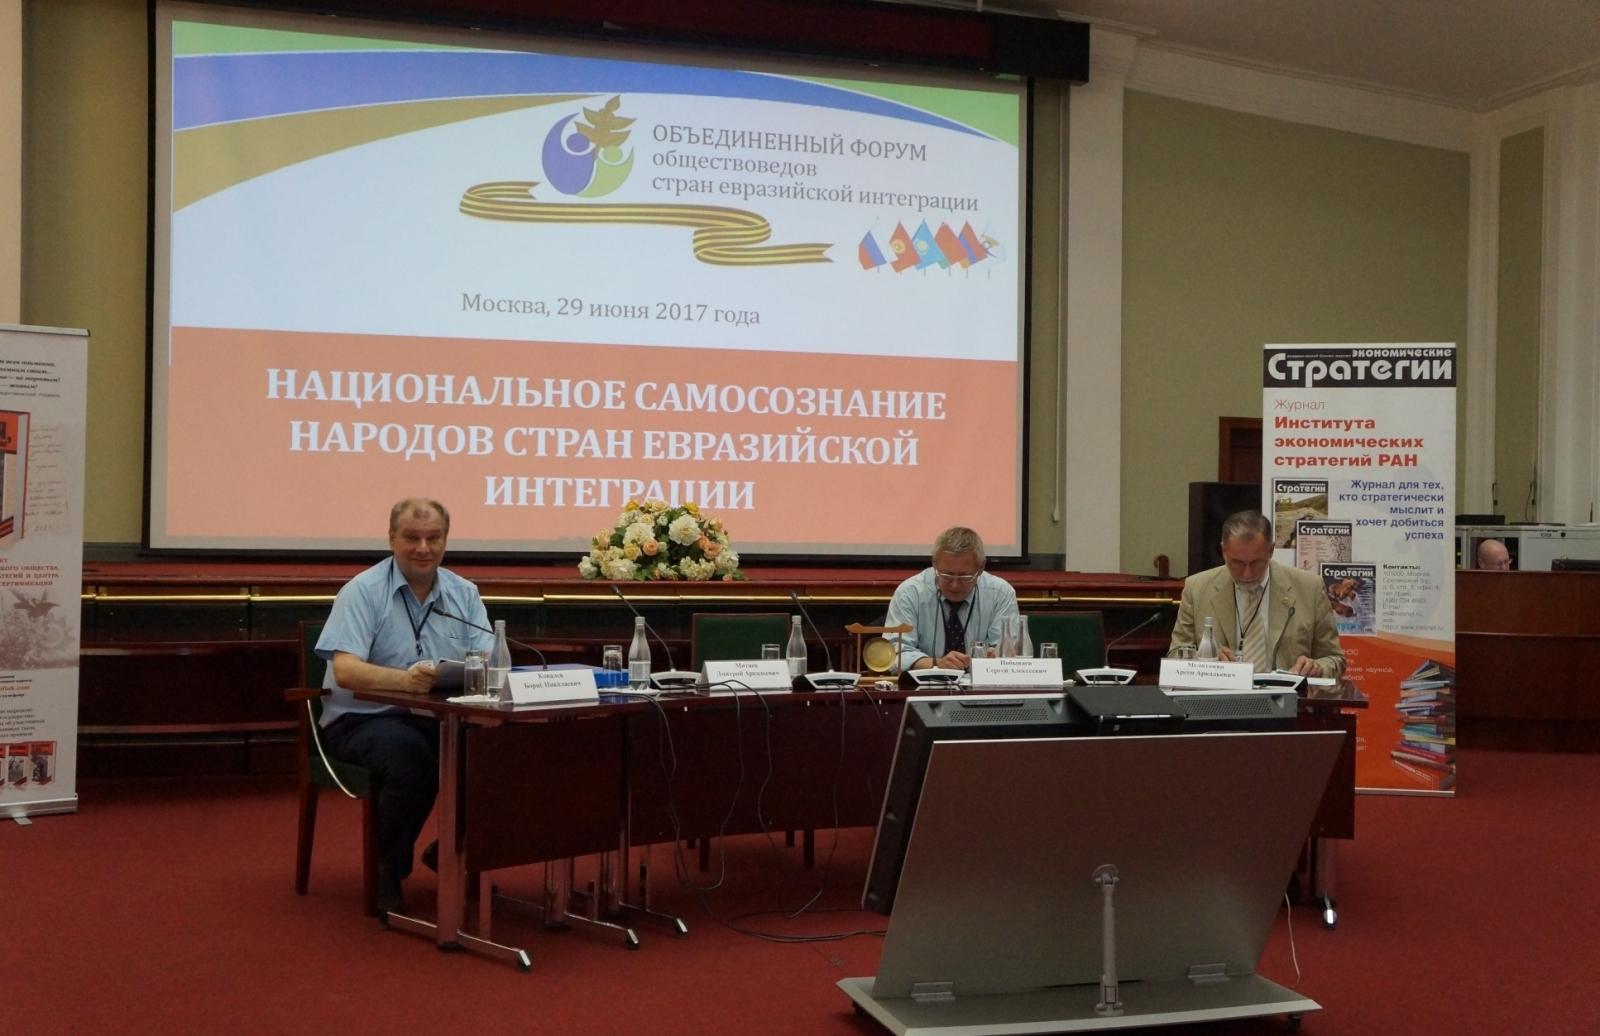 Сотрудники ВШОН ГИ приняли участие в Форуме обществоведов стран евразийской интеграции